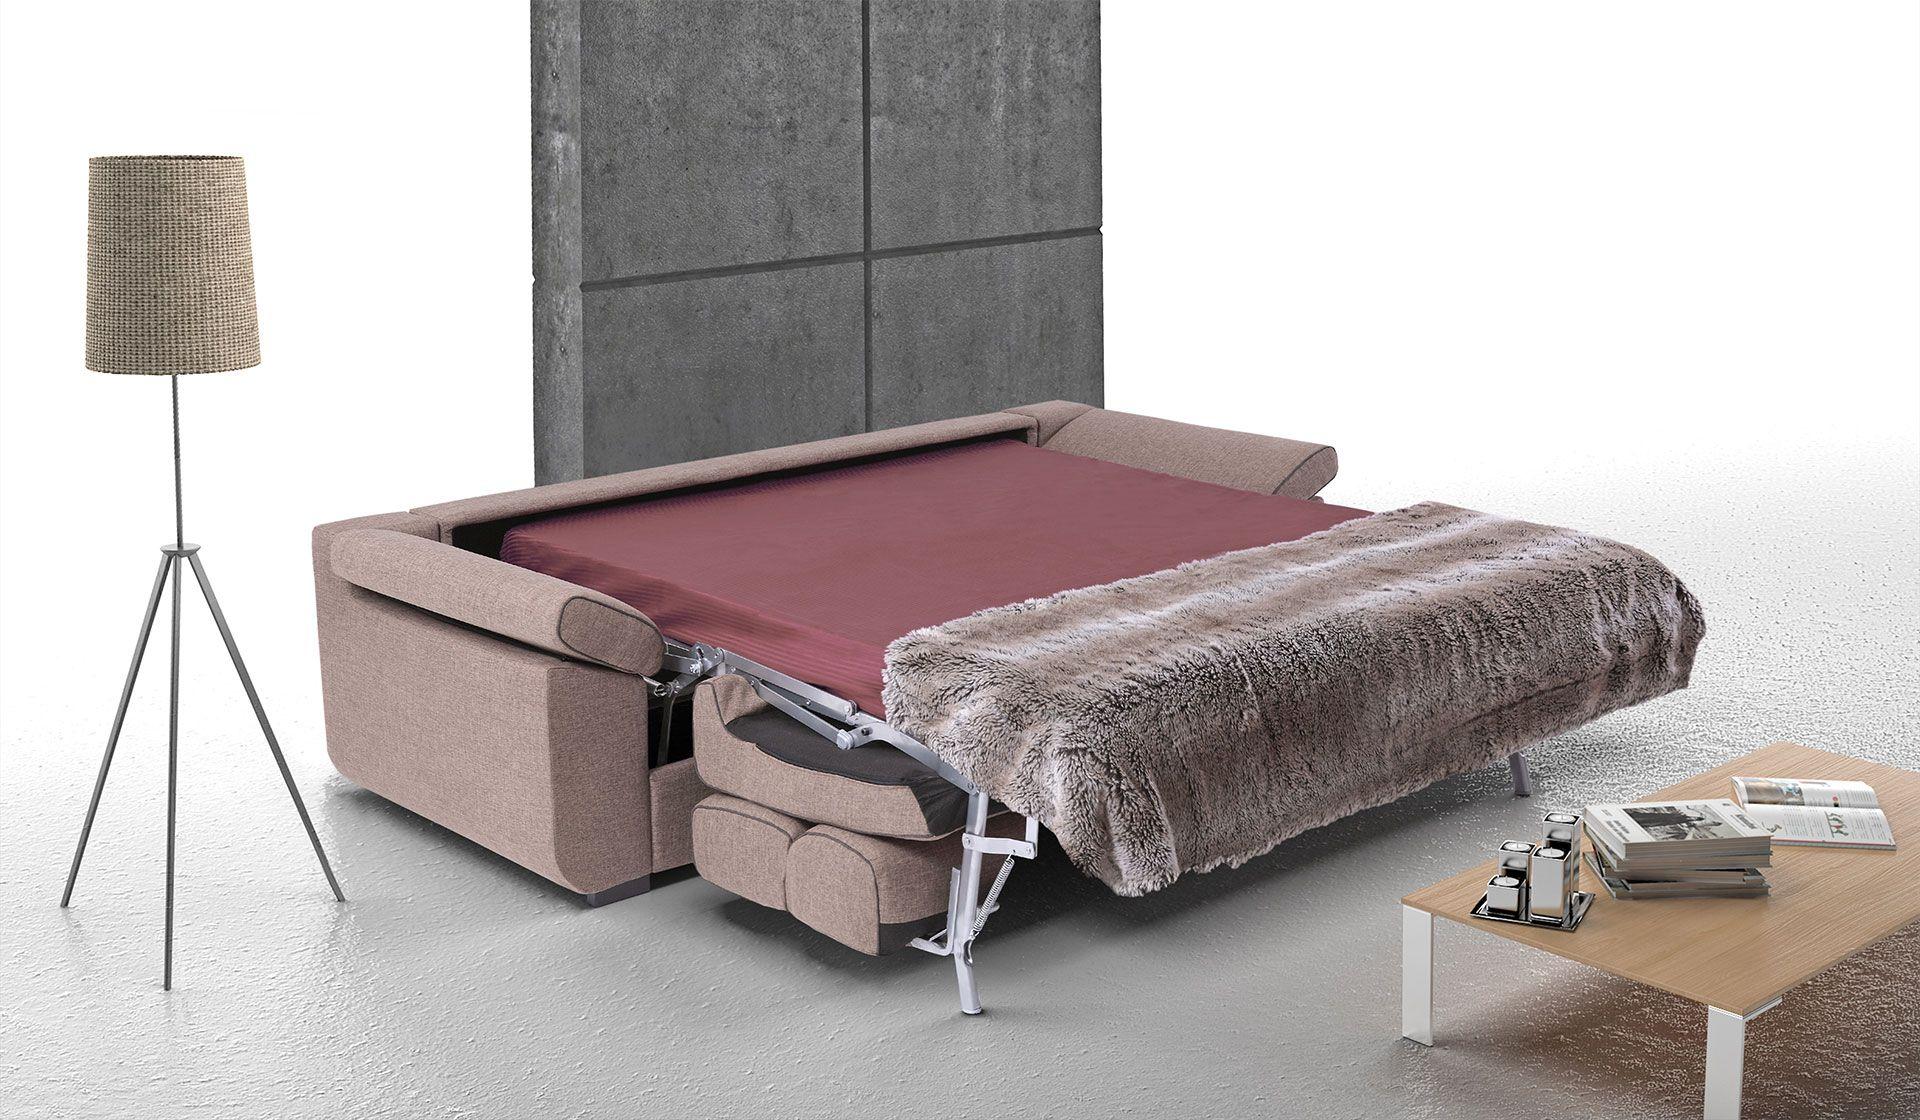 camas de madera maciza, sofa cama italiano, ofertas colchones viscoelásticos, canape abatible barato, chaise longue baratos, la tienda de colchones,